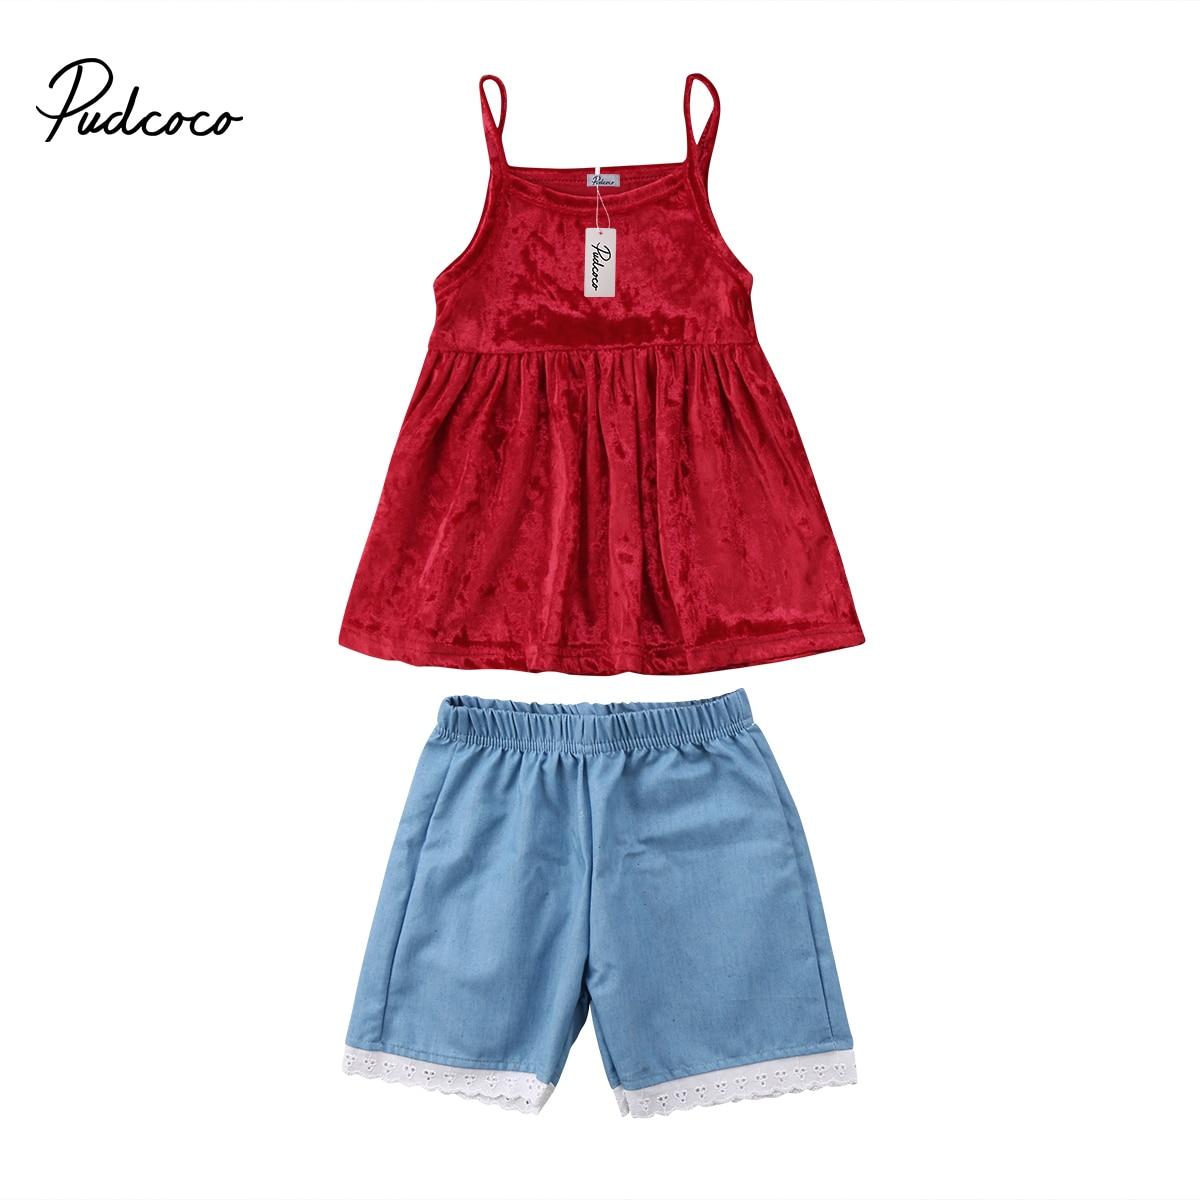 Pudcoco Лето 2 шт. Детские наряды для девочек с бантом Футболка + Брюки для девочек Шорты для женщин 2 шт. Костюмы комплект